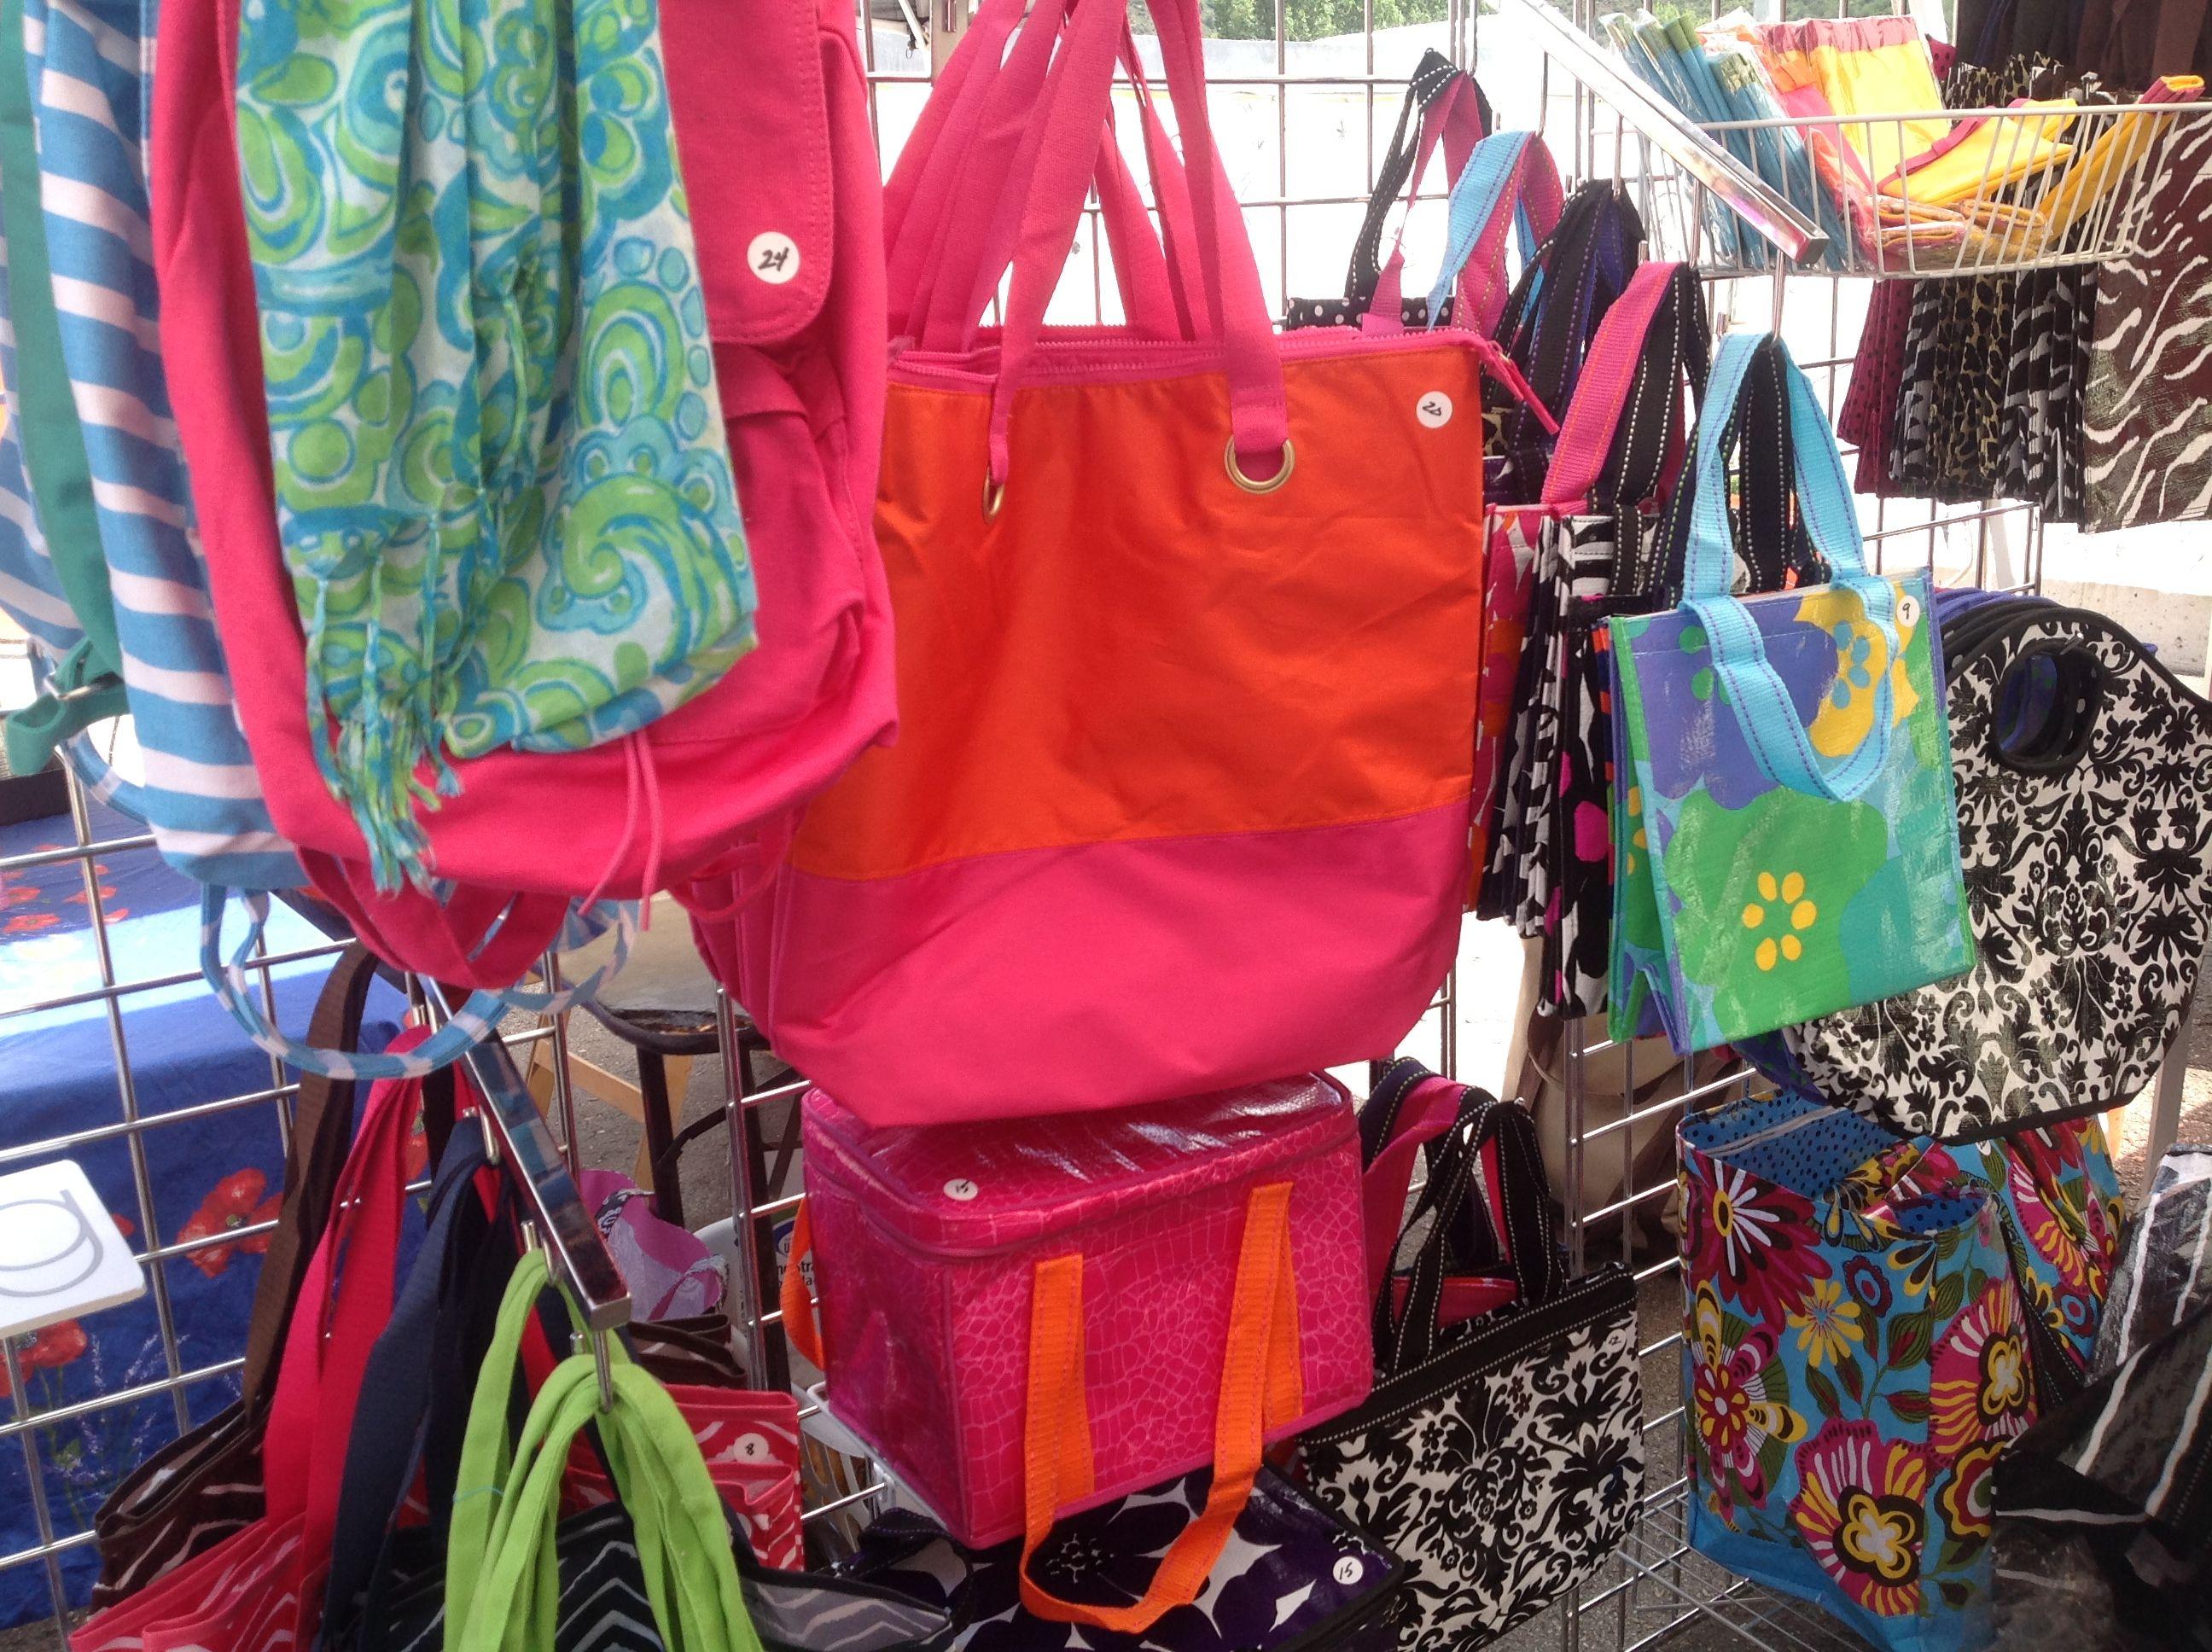 Locker Works Booth Minturn Outdoor Market Fjallraven Kanken Backpack